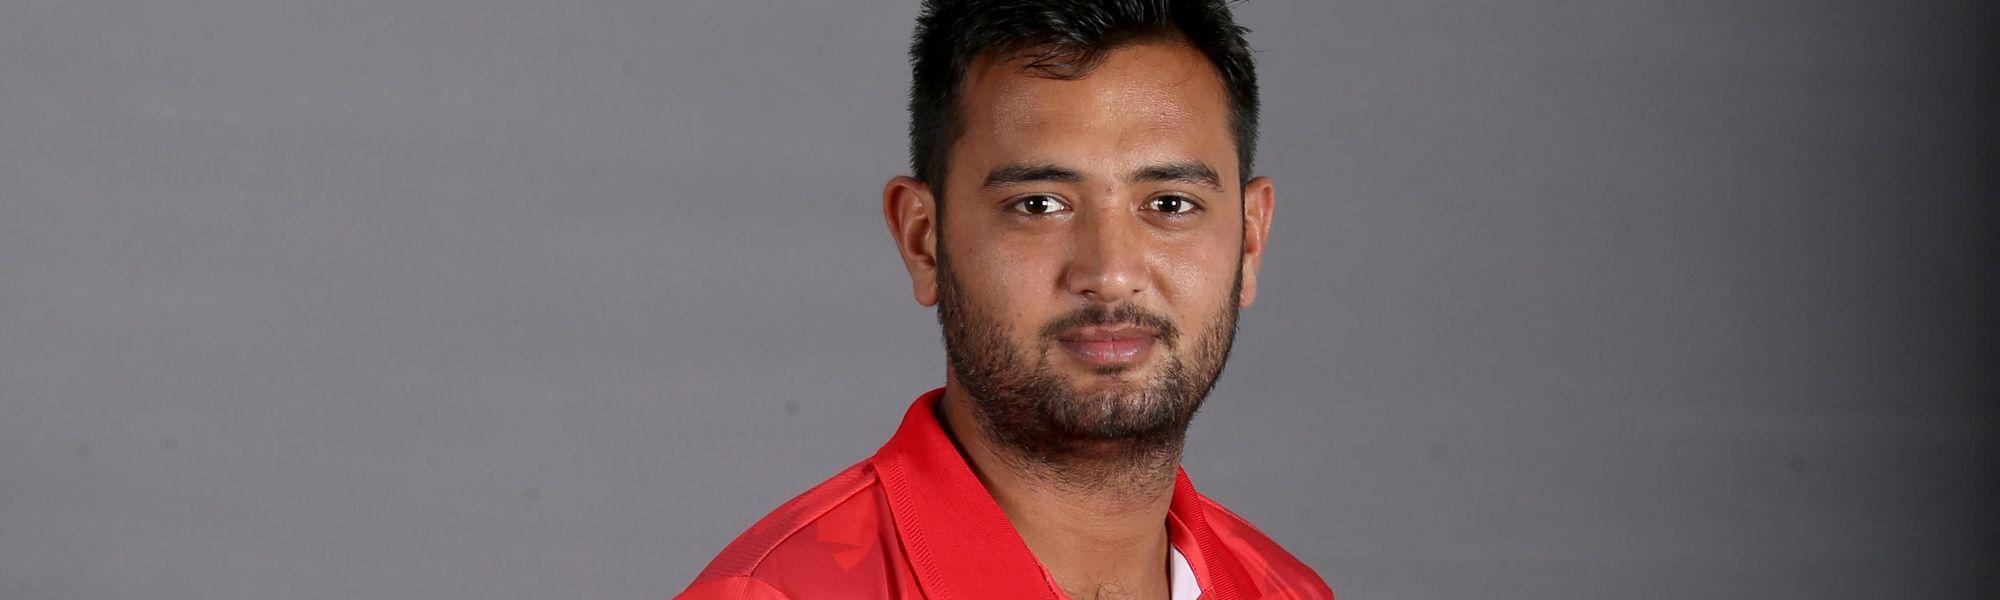 Lalit Bhandari